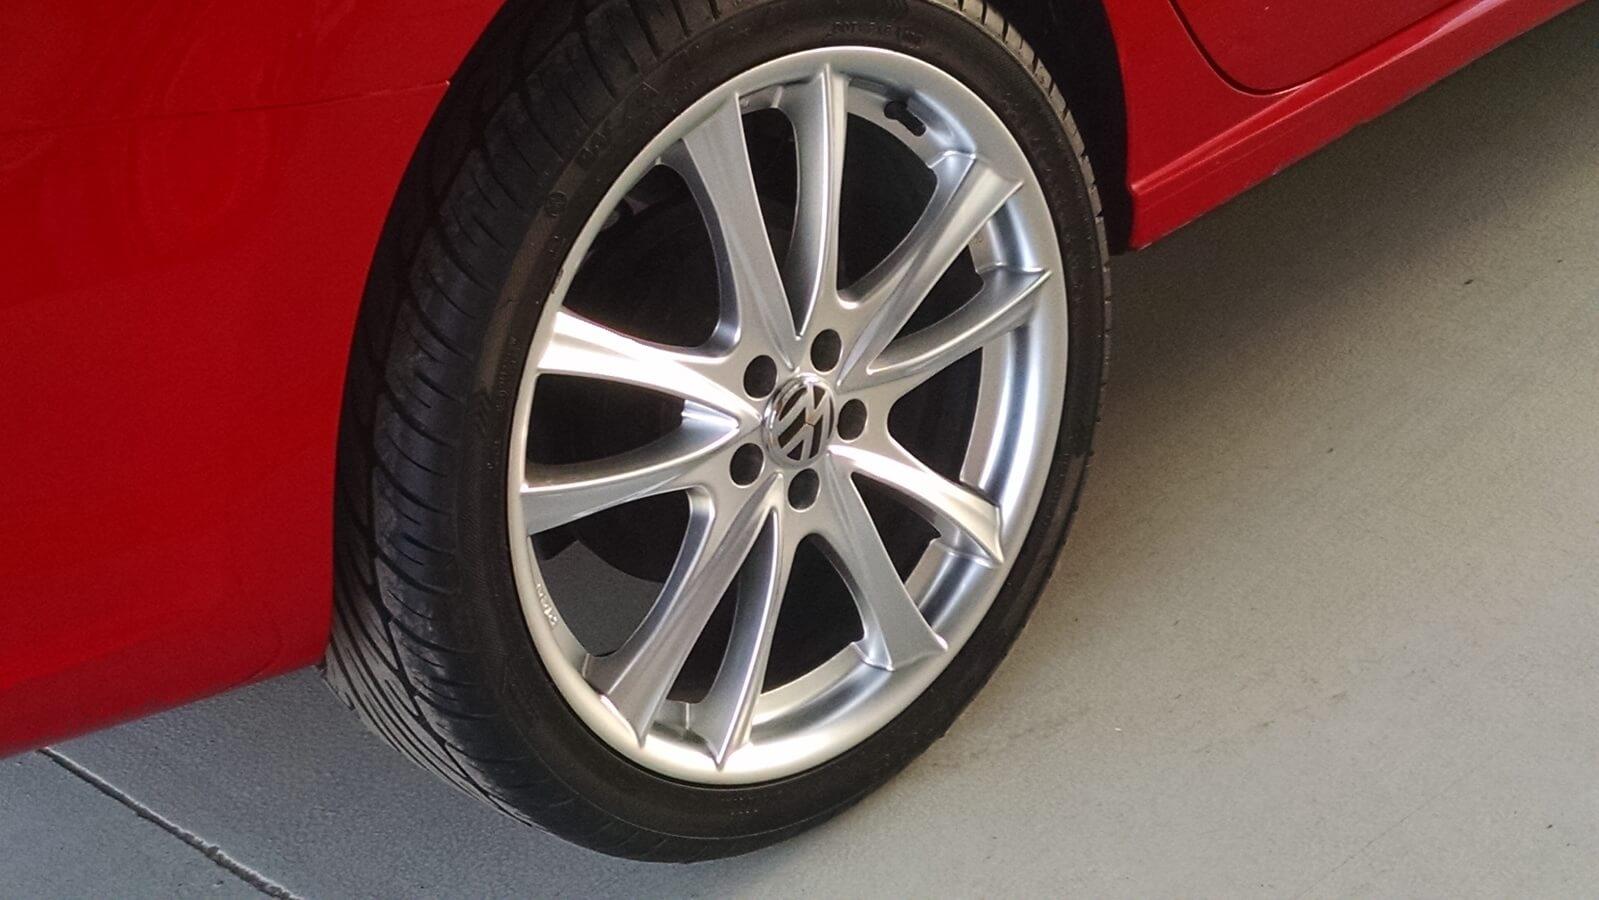 alargar la vida útil de los neumáticos